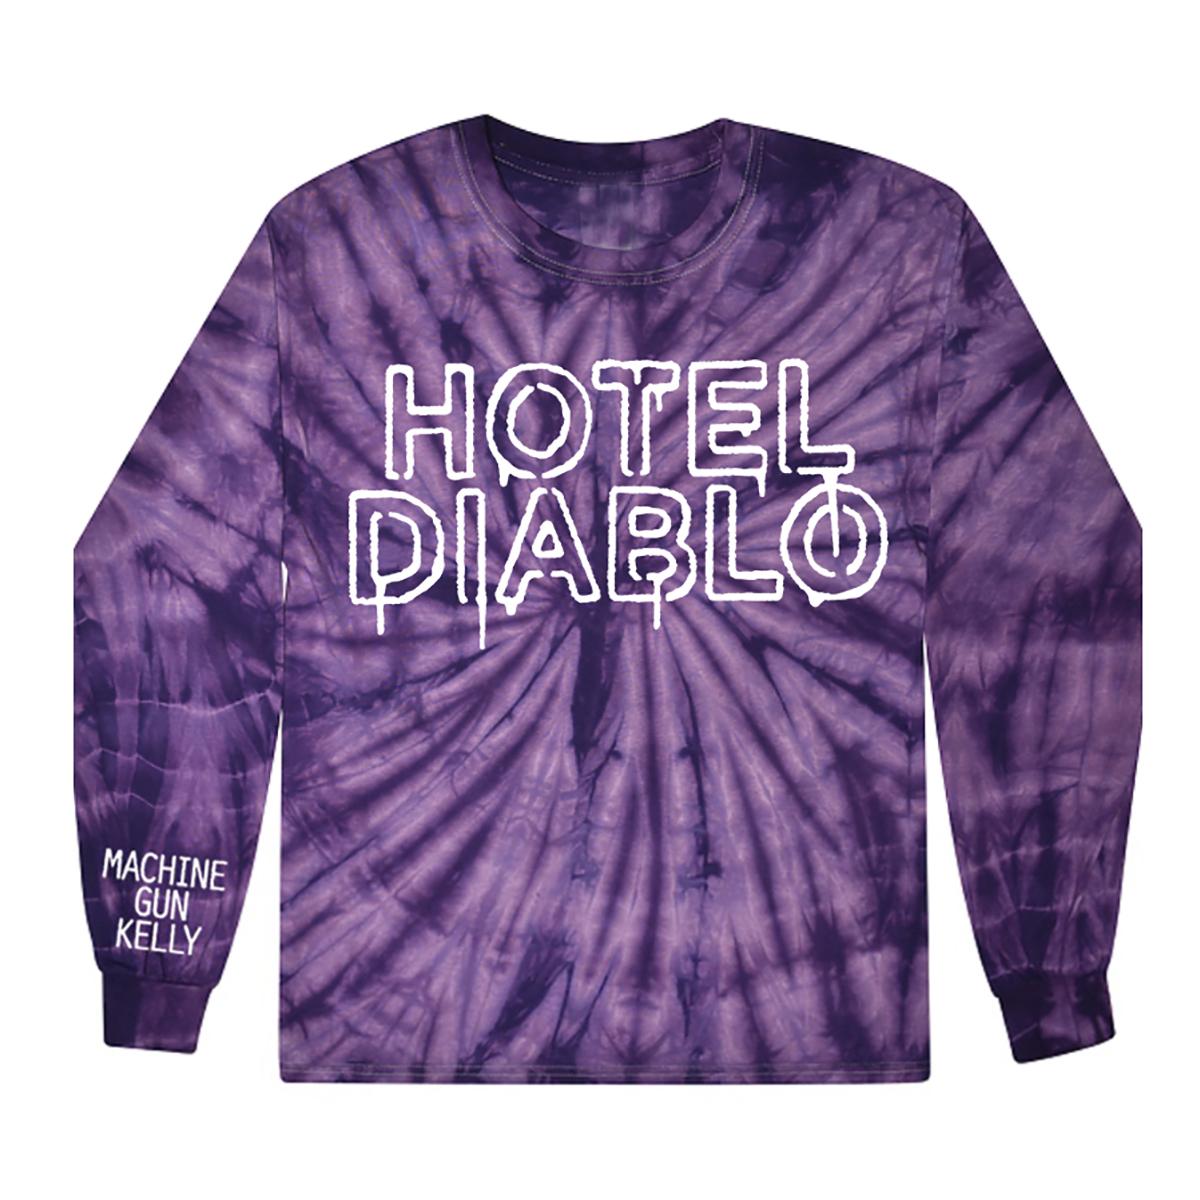 Hotel Diablo LS Tye-Dye Tee & Digital Album Download